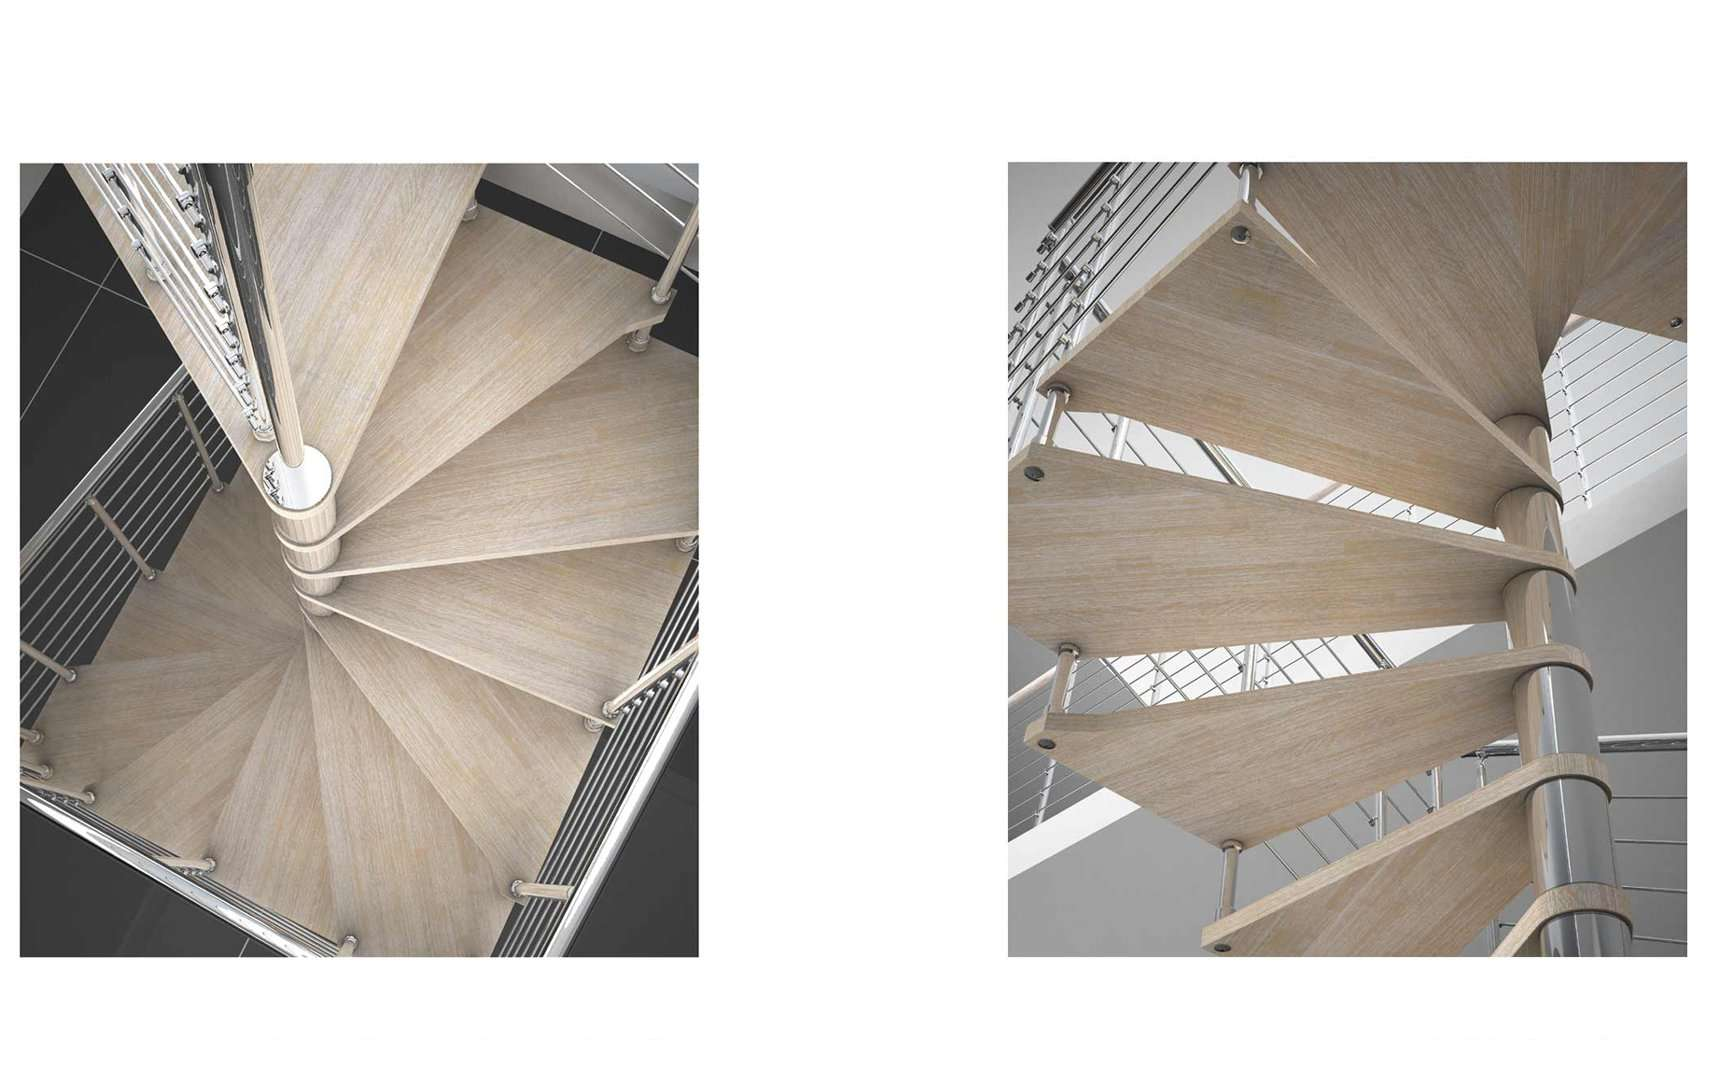 Diable ampia scelta di scale a chiocciola e scale - Cancelletti per scale a chiocciola ...